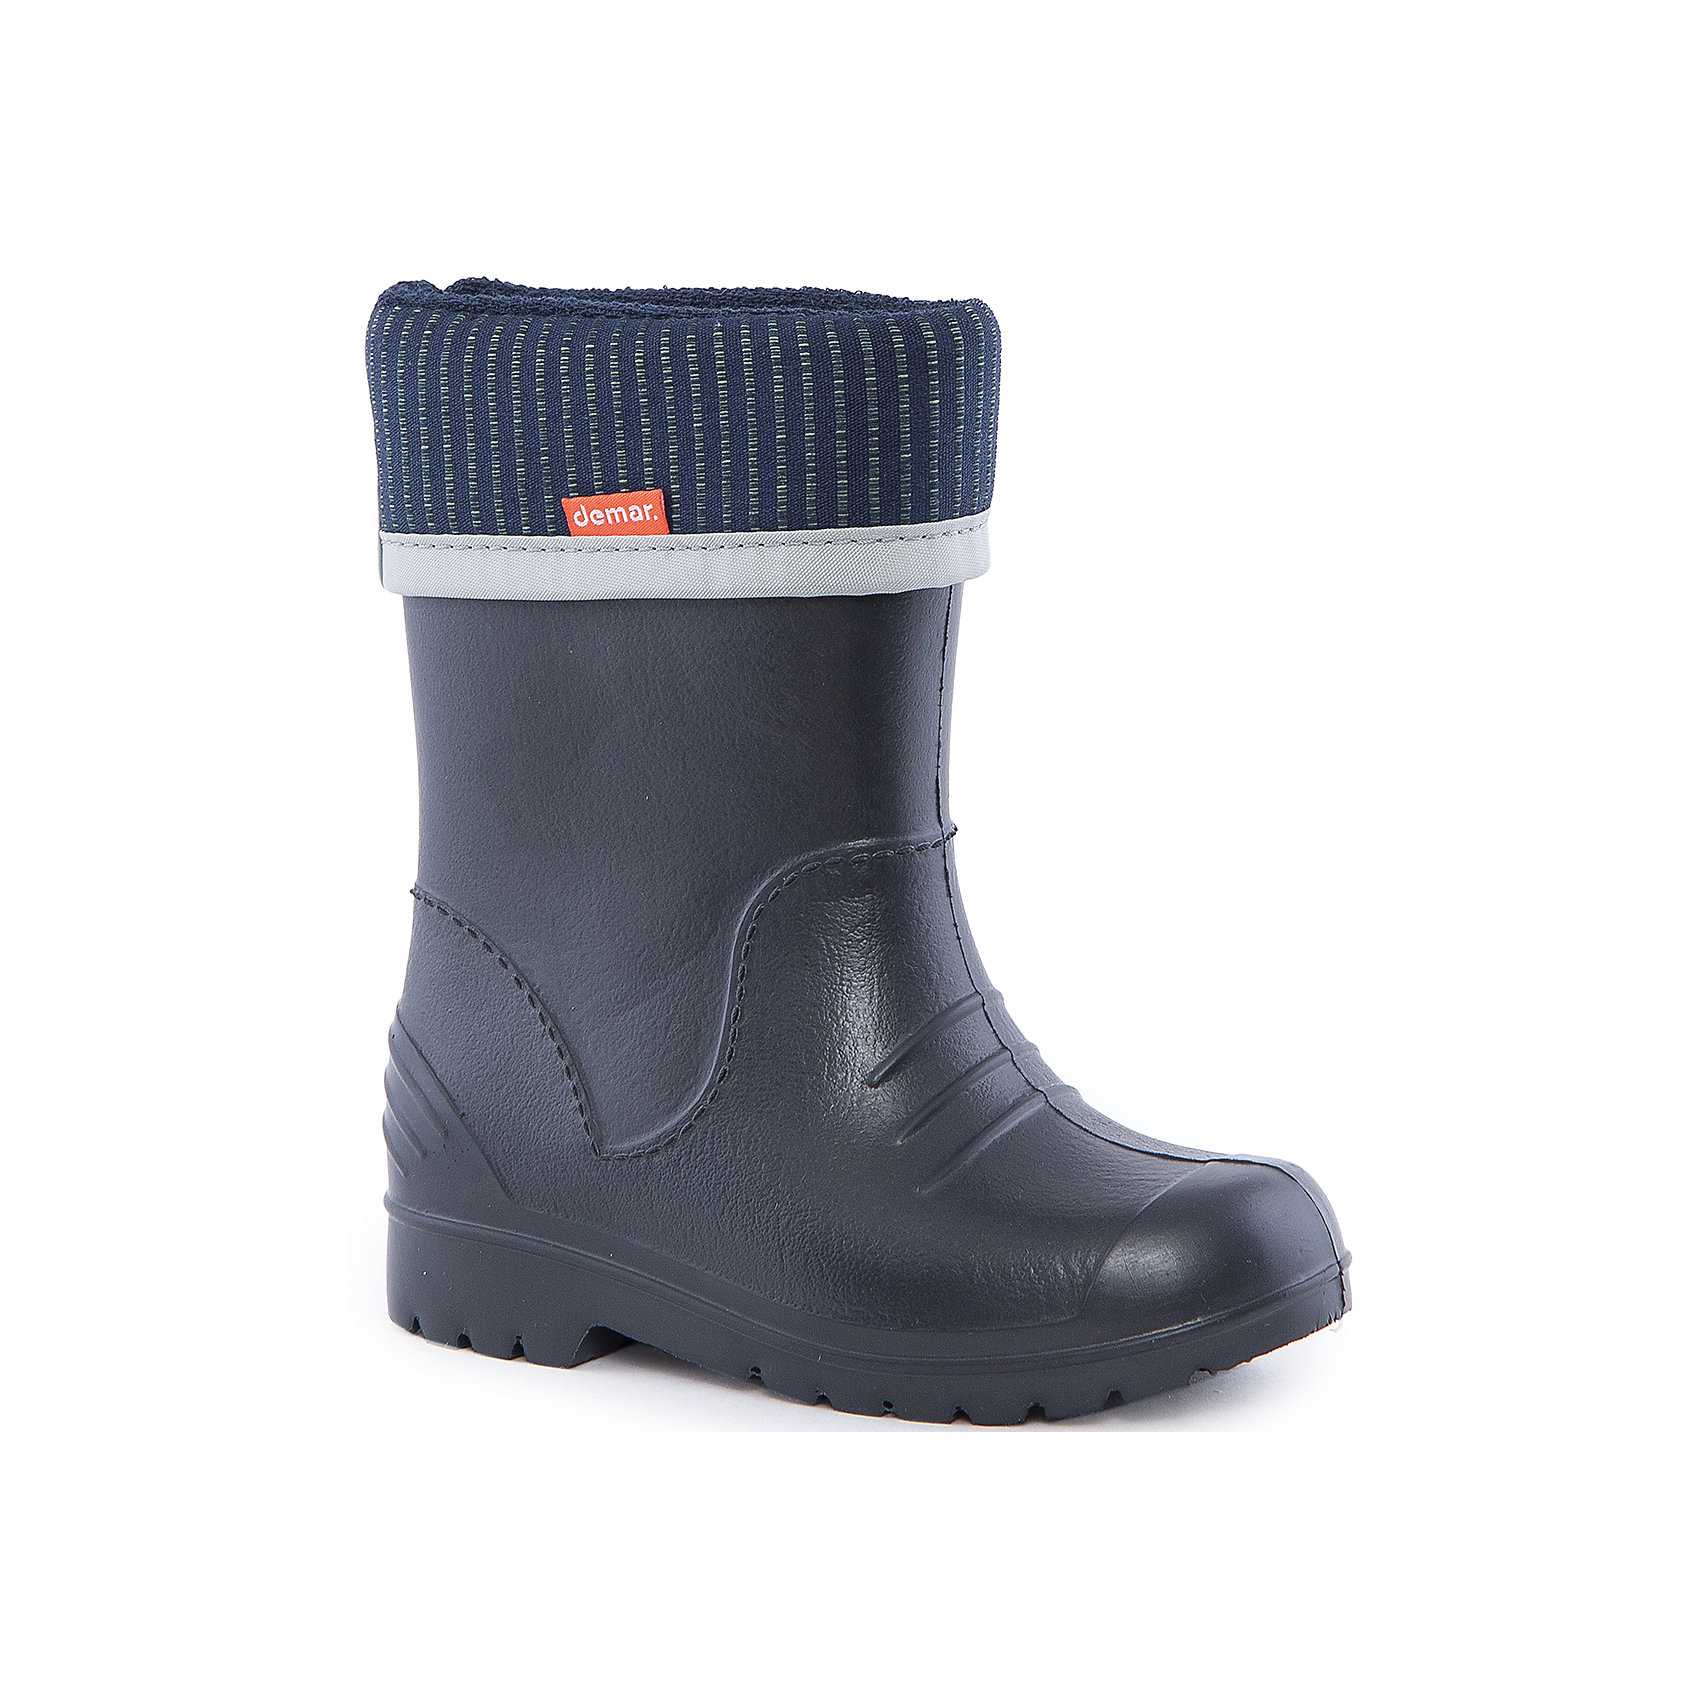 Резиновые сапоги Dino DEMARРезиновые сапоги<br>Характеристики товара:<br><br>• цвет: серый<br>• материал верха: ЭВА<br>• материал подкладки: текстиль <br>• материал подошвы: ЭВА<br>• температурный режим: от 0° до +15° С<br>• верх не продувается<br>• съемный чулок<br>• стильный дизайн<br>• страна бренда: Польша<br>• страна изготовитель: Польша<br><br>Осенью и весной ребенку не обойтись без непромокаемых сапожек! Чтобы не пропустить главные удовольствия межсезонья, нужно запастись удобной обувью. Такие сапожки обеспечат ребенку необходимый для активного отдыха комфорт, а подкладка из текстиля позволит ножкам оставаться теплыми. Сапожки легко надеваются и снимаются, отлично сидят на ноге. Они удивительно легкие!<br>Обувь от польского бренда Demar - это качественные товары, созданные с применением новейших технологий и с использованием как натуральных, так и высокотехнологичных материалов. Обувь отличается стильным дизайном и продуманной конструкцией. Изделие производится из качественных и проверенных материалов, которые безопасны для детей.<br><br>Сапожки от бренда Demar (Демар) можно купить в нашем интернет-магазине.<br><br>Ширина мм: 237<br>Глубина мм: 180<br>Высота мм: 152<br>Вес г: 438<br>Цвет: белый<br>Возраст от месяцев: -2147483648<br>Возраст до месяцев: 2147483647<br>Пол: Мужской<br>Возраст: Детский<br>Размер: 34/35,30/31,22/23,36/37,26/27,28/29,32/33,24/25<br>SKU: 4640001